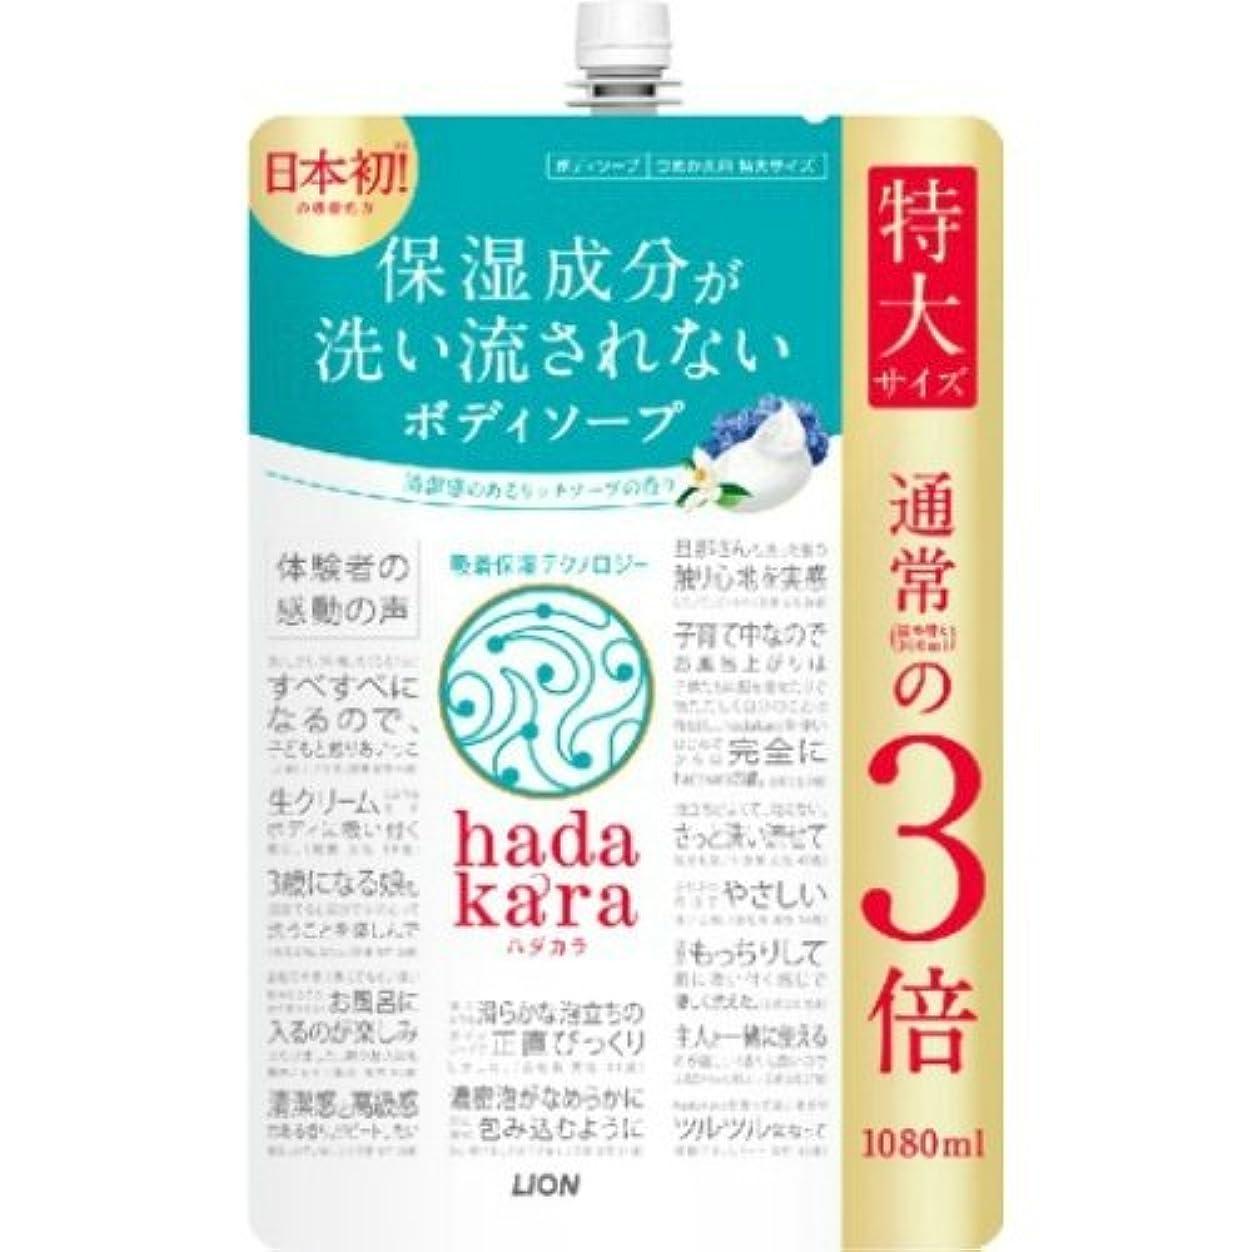 見通しコーチできればLION ライオン hadakara ハダカラ ボディソープ リッチソープの香り つめかえ用 特大サイズ 1080ml ×3点セット(4903301260882)